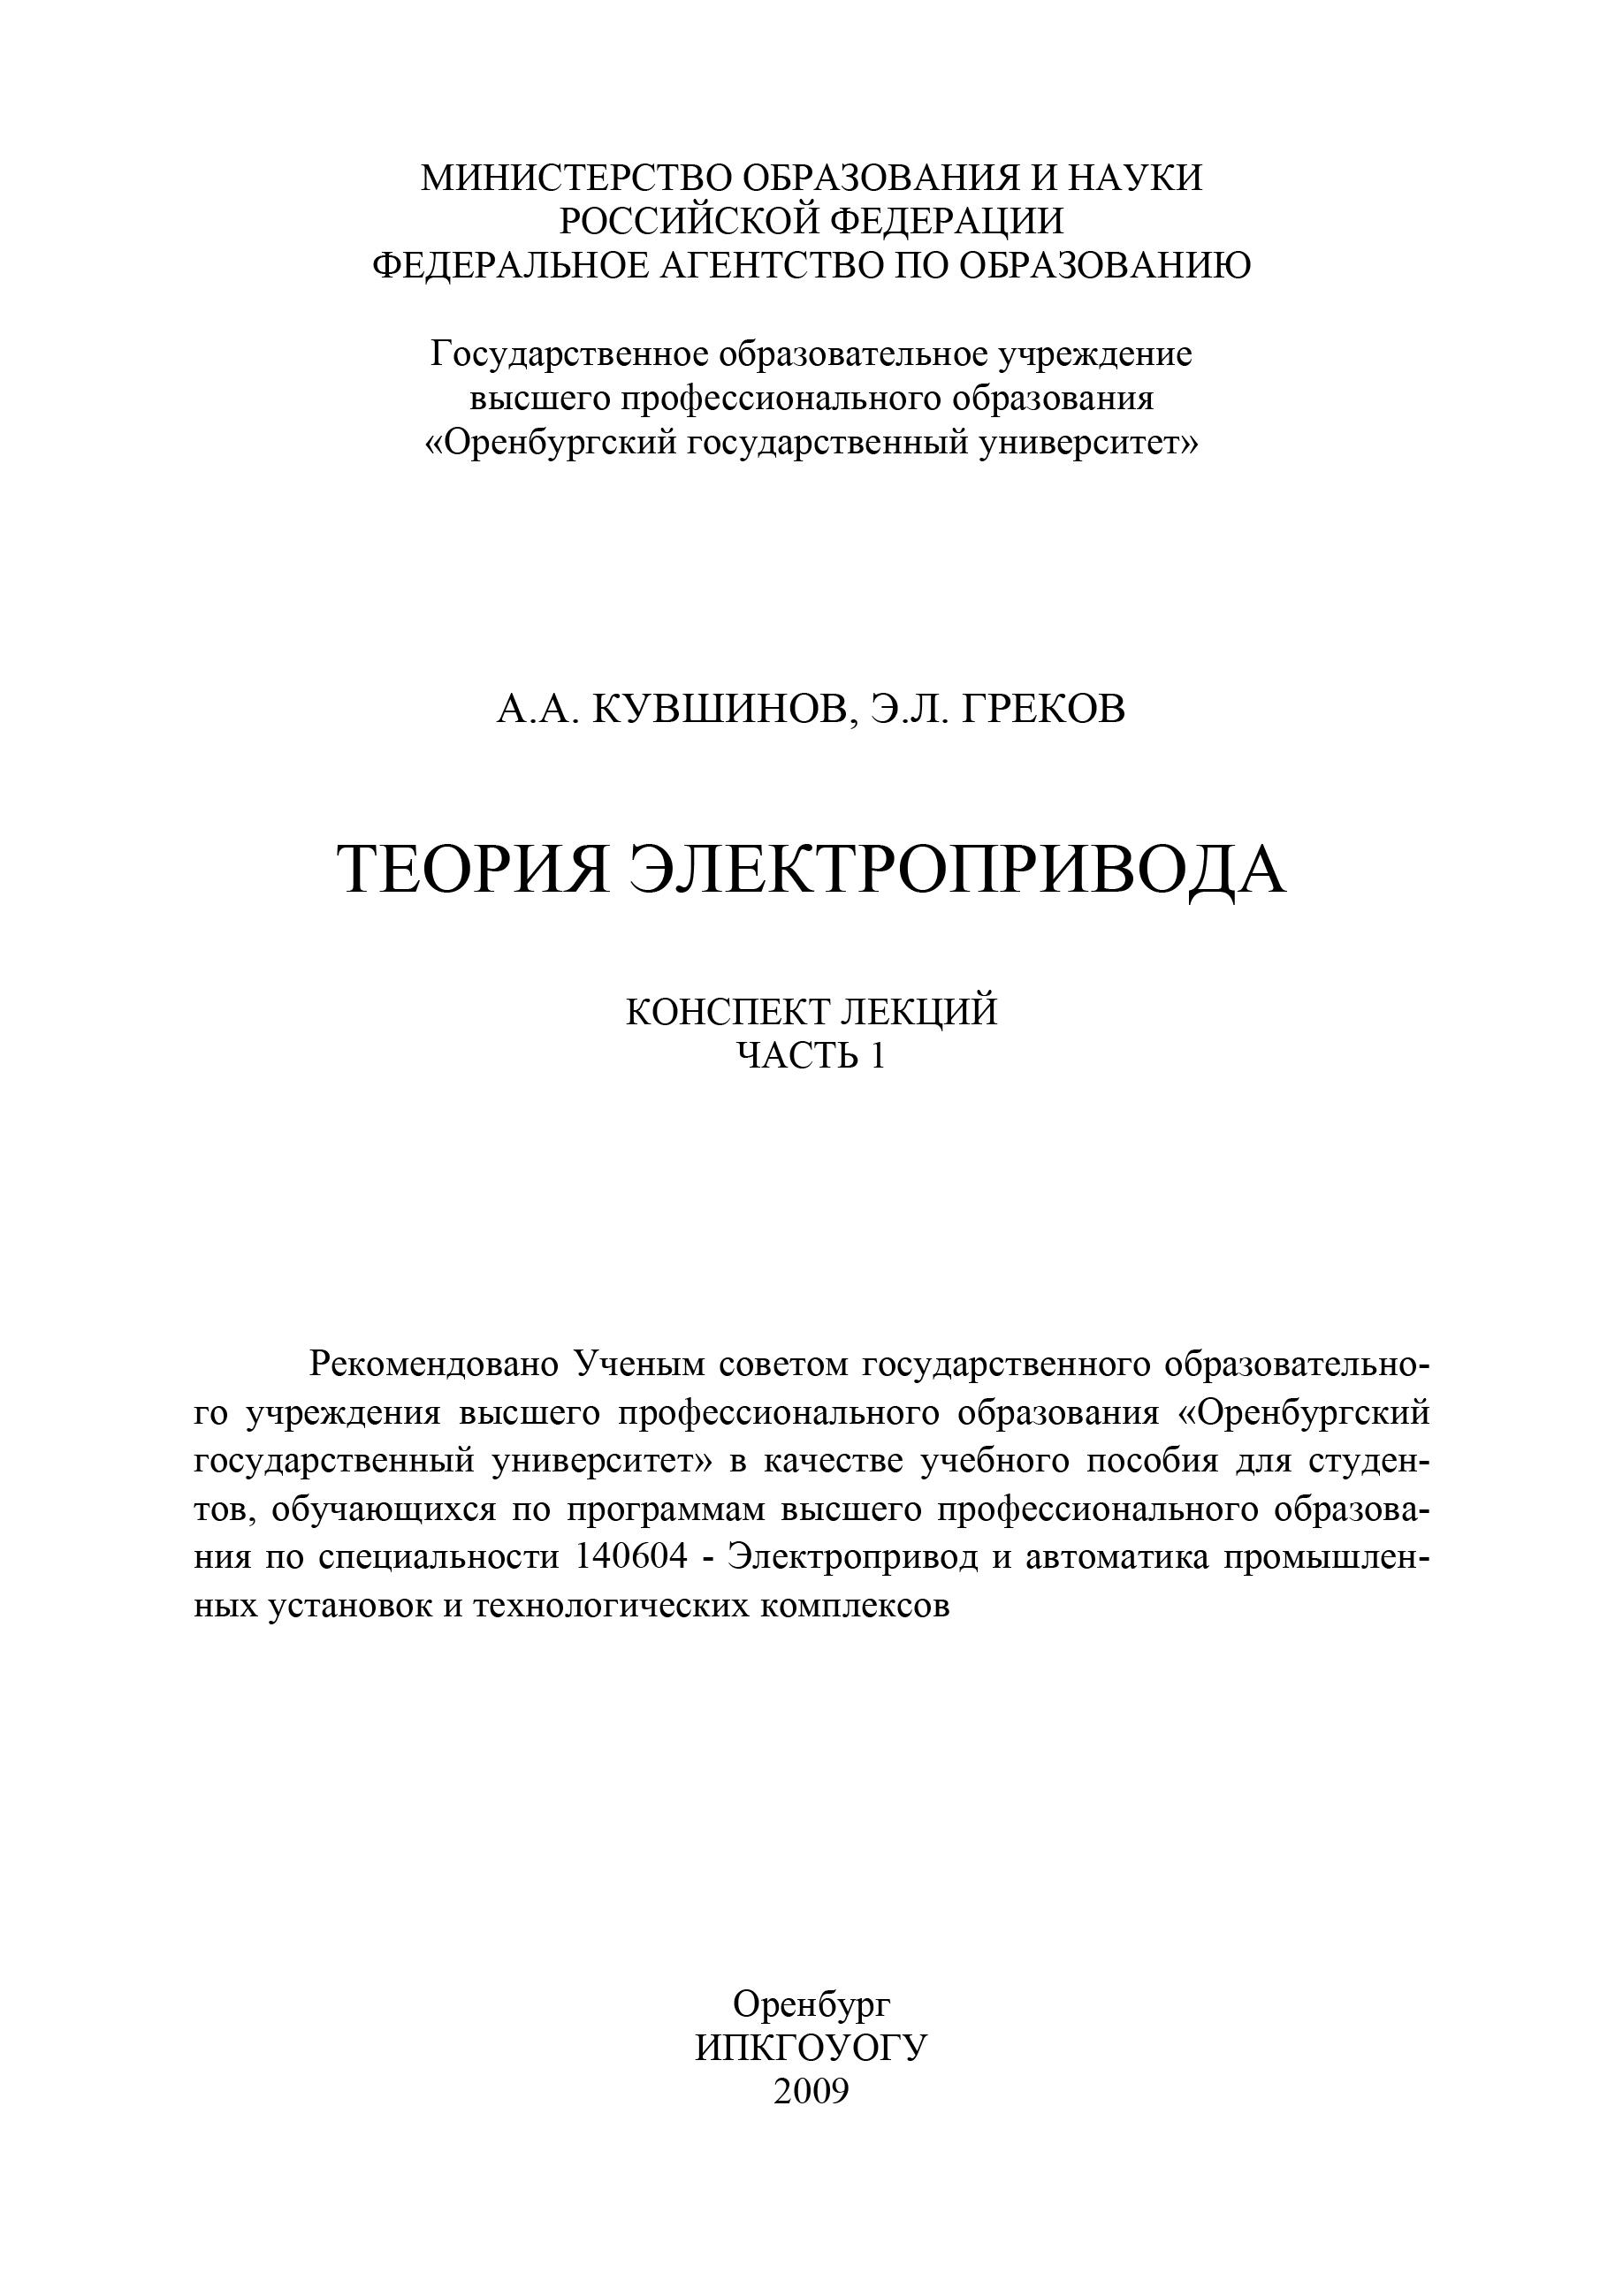 Теория электропривода. Часть 1